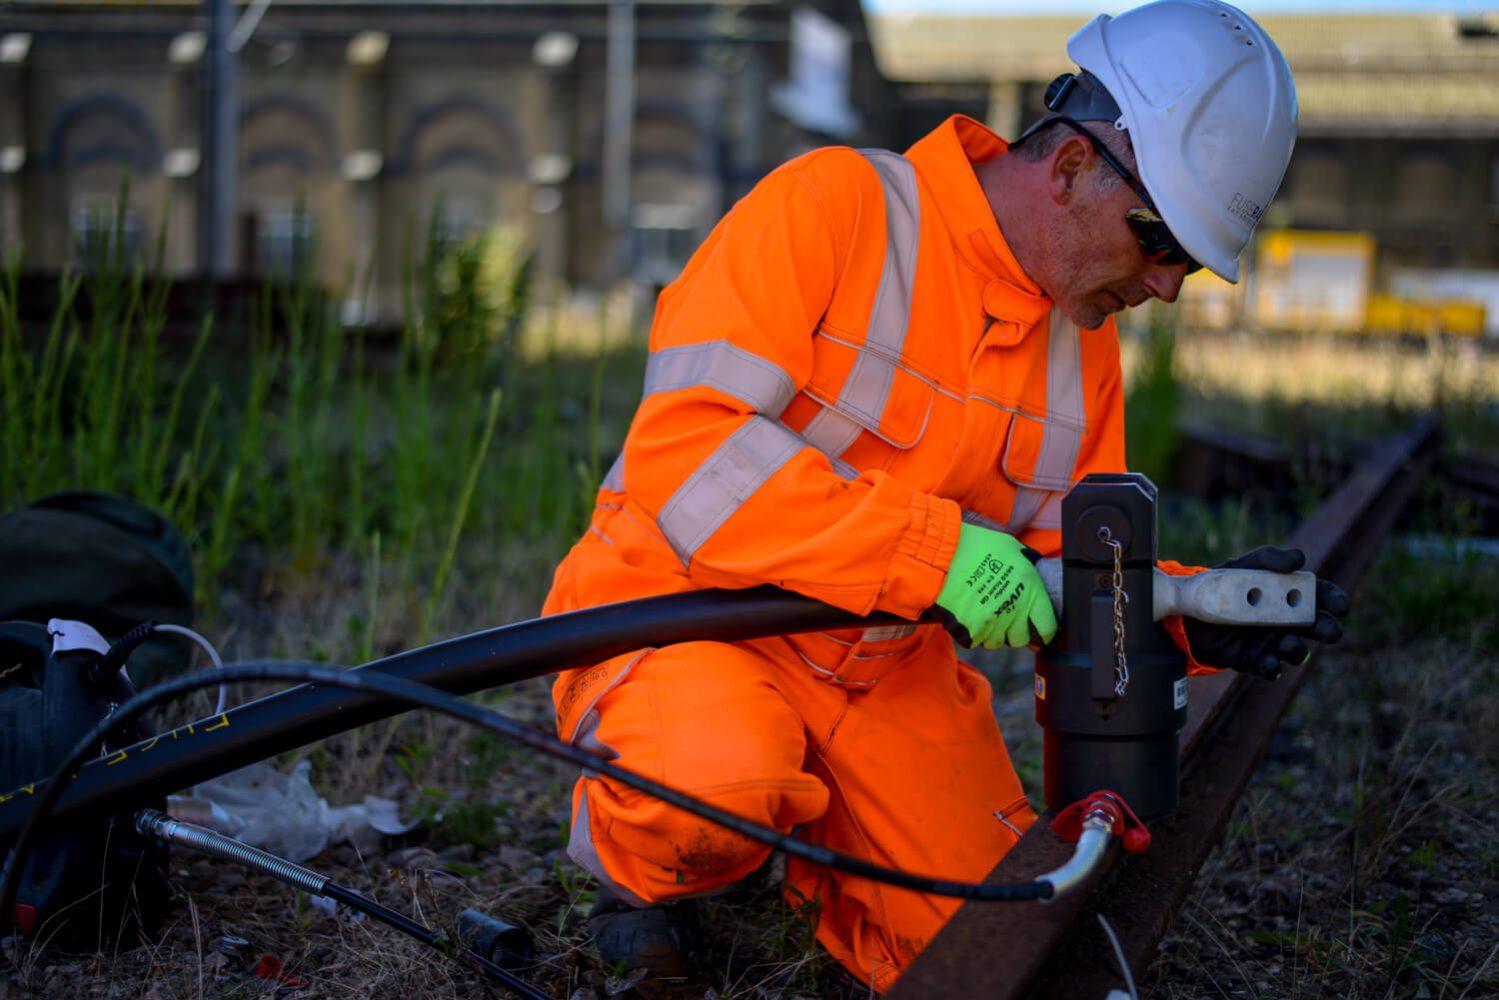 Conductor Rail Equipment - Fuse Rail